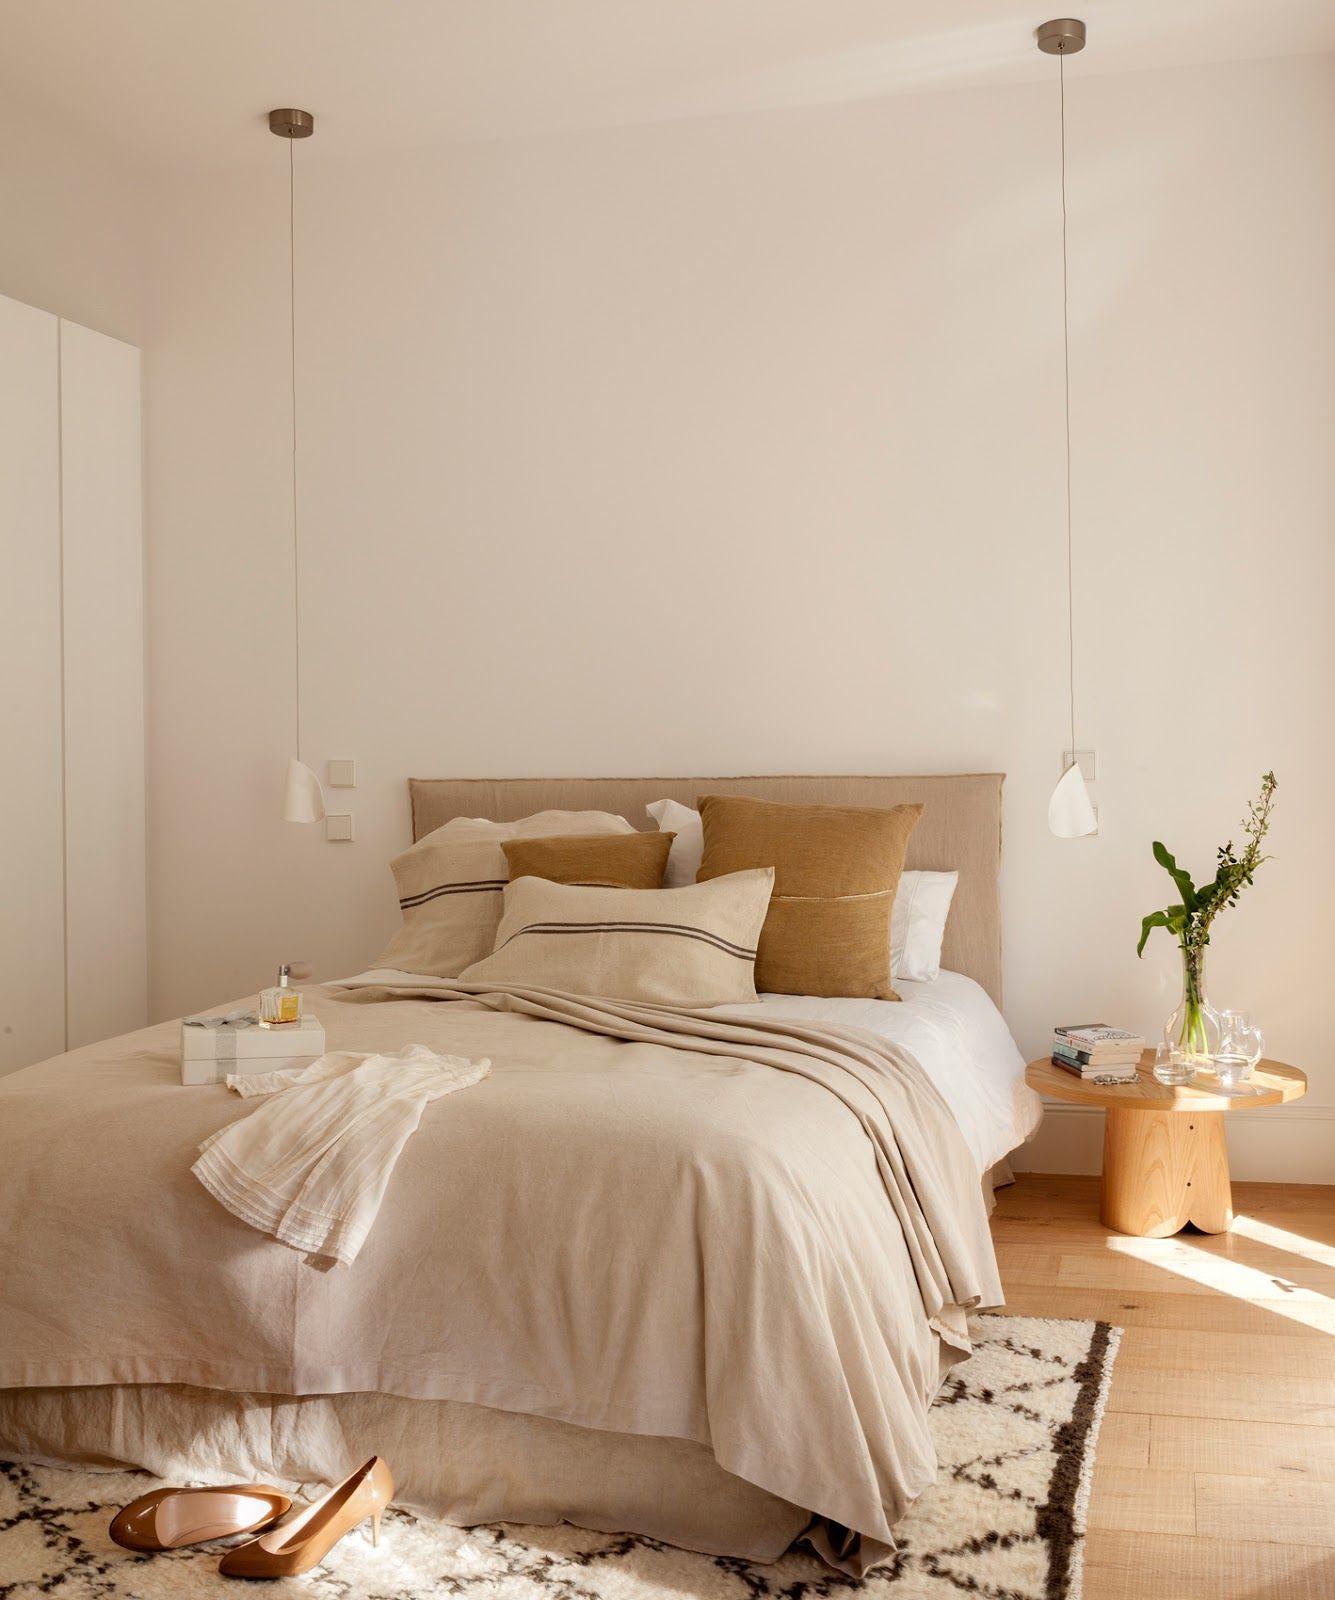 Dormitorio Contemporaneo Con Lamparas Colgantes A Ambos Lados De  ~ Lamparas Para Mesillas De Noche